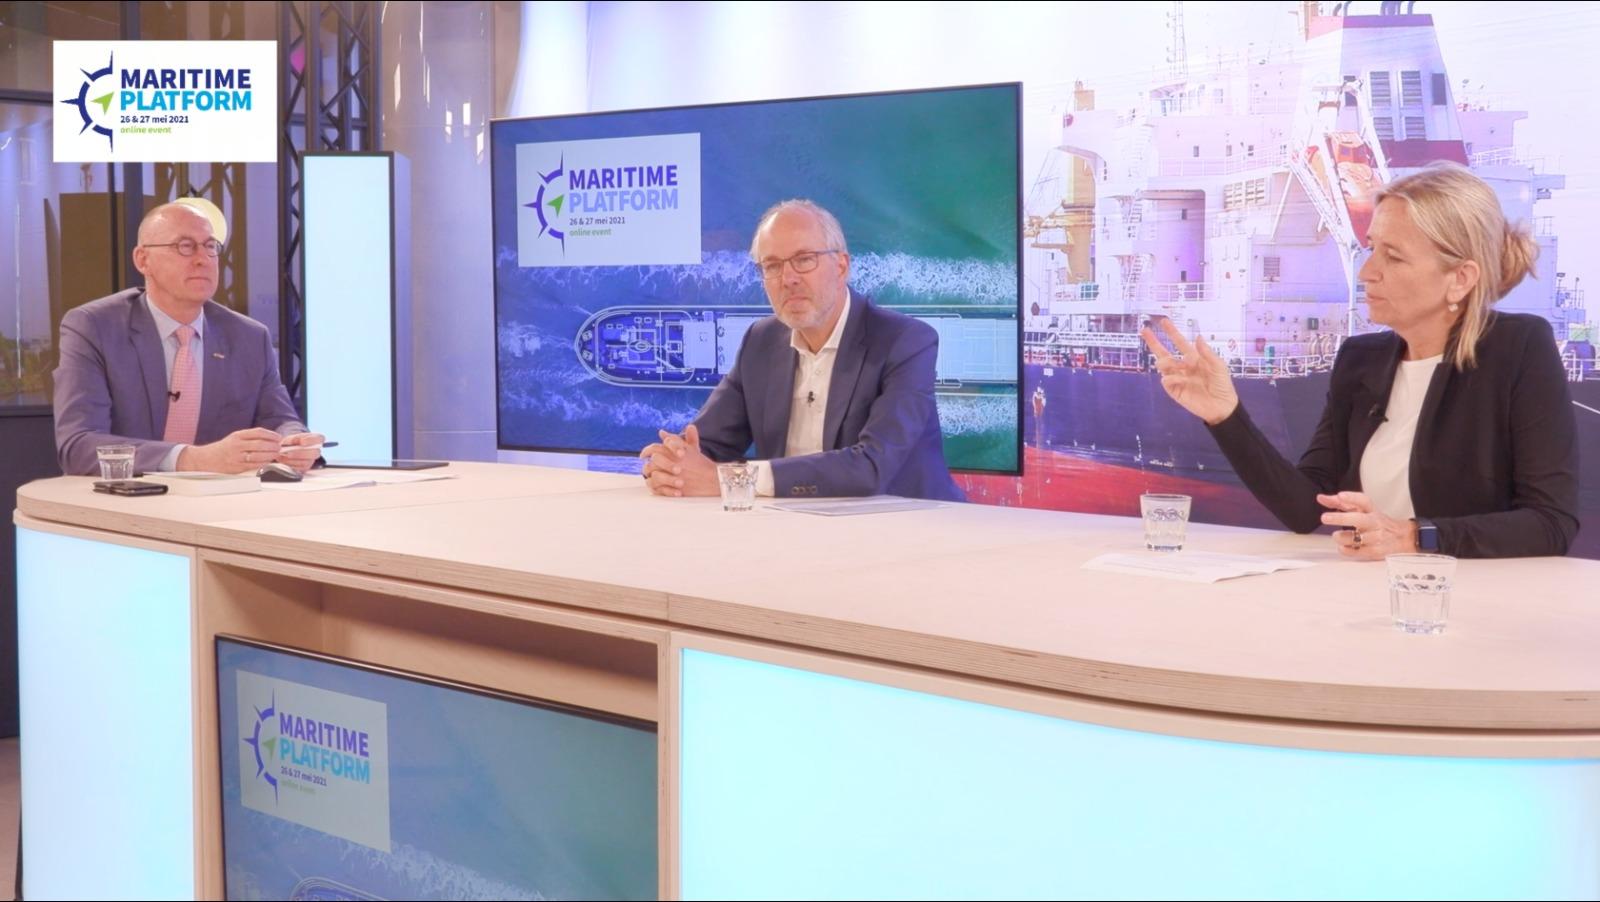 Pieter van Oord en Thecla Bodewes bij het maritieme lunchdebat tijdens Maritime Platform. (Beeld uit video)